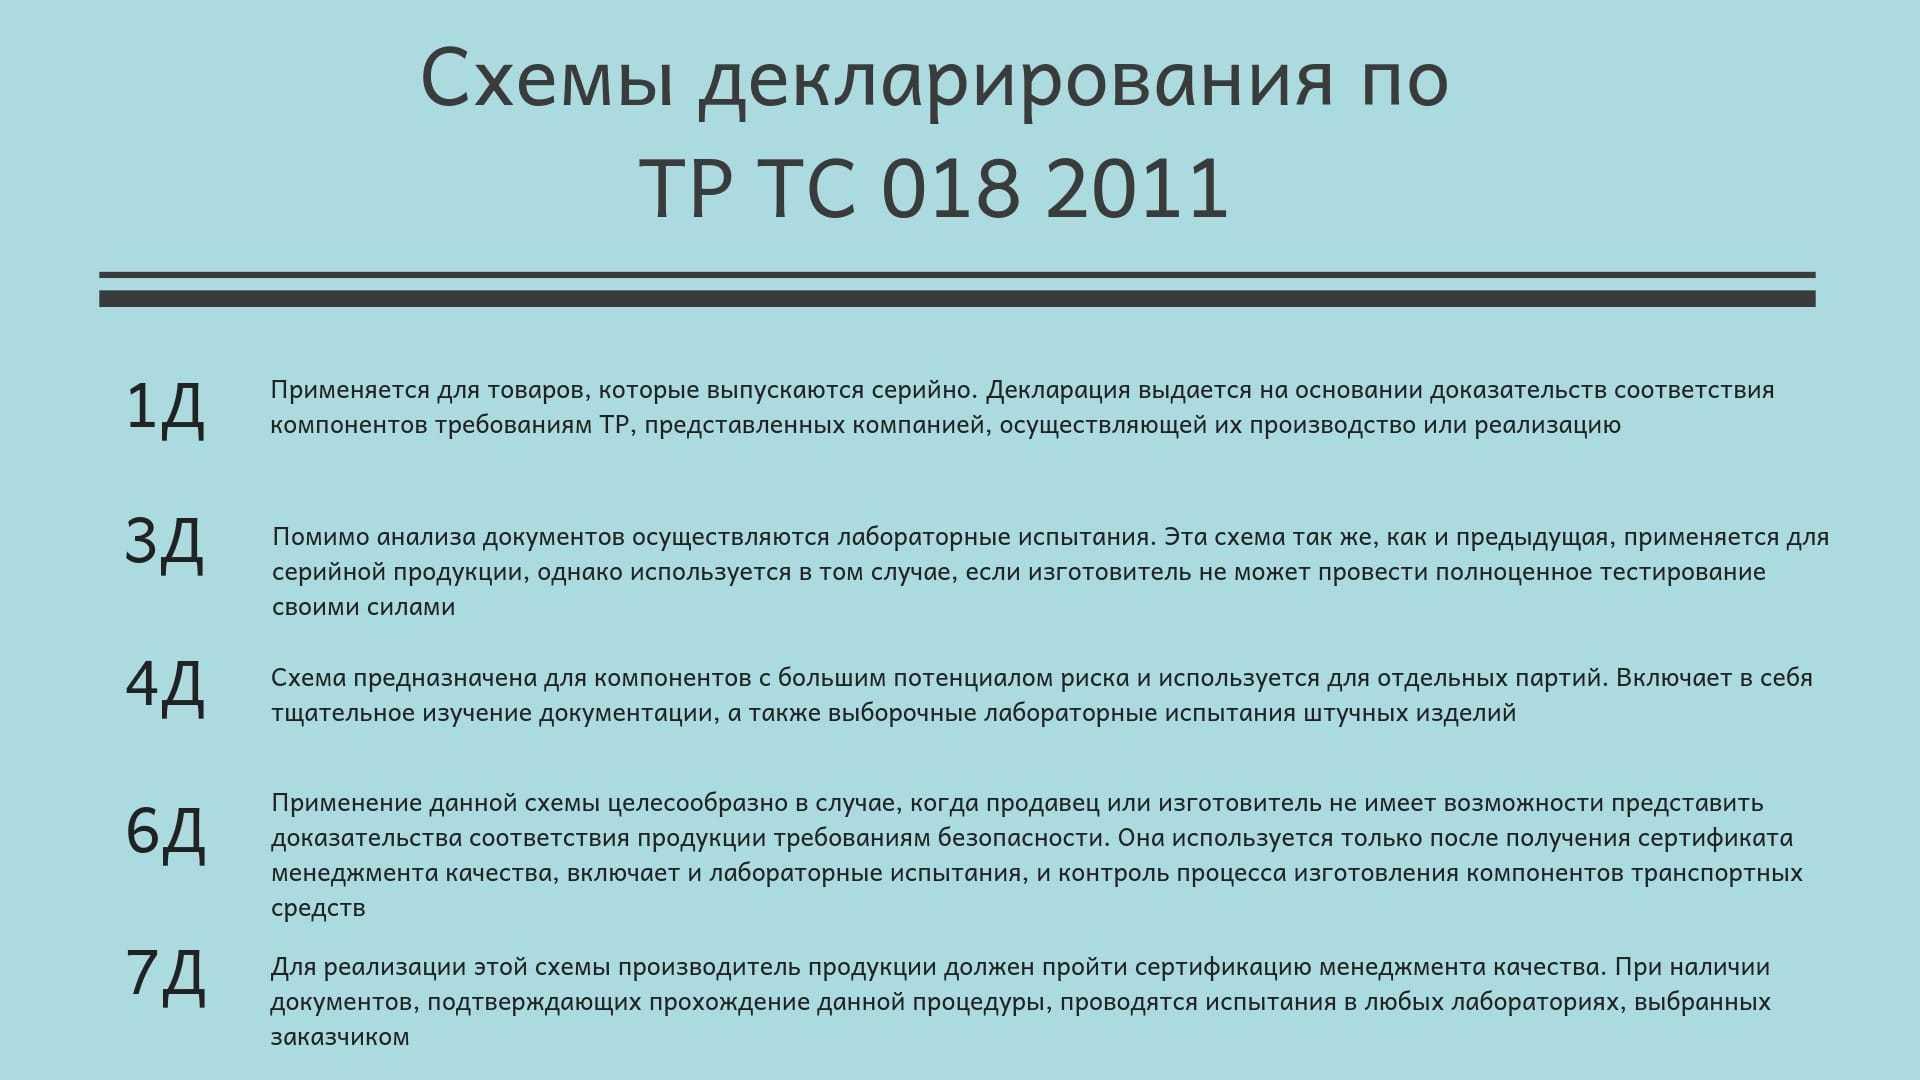 схемы декларирования декларации ТР ТС 018